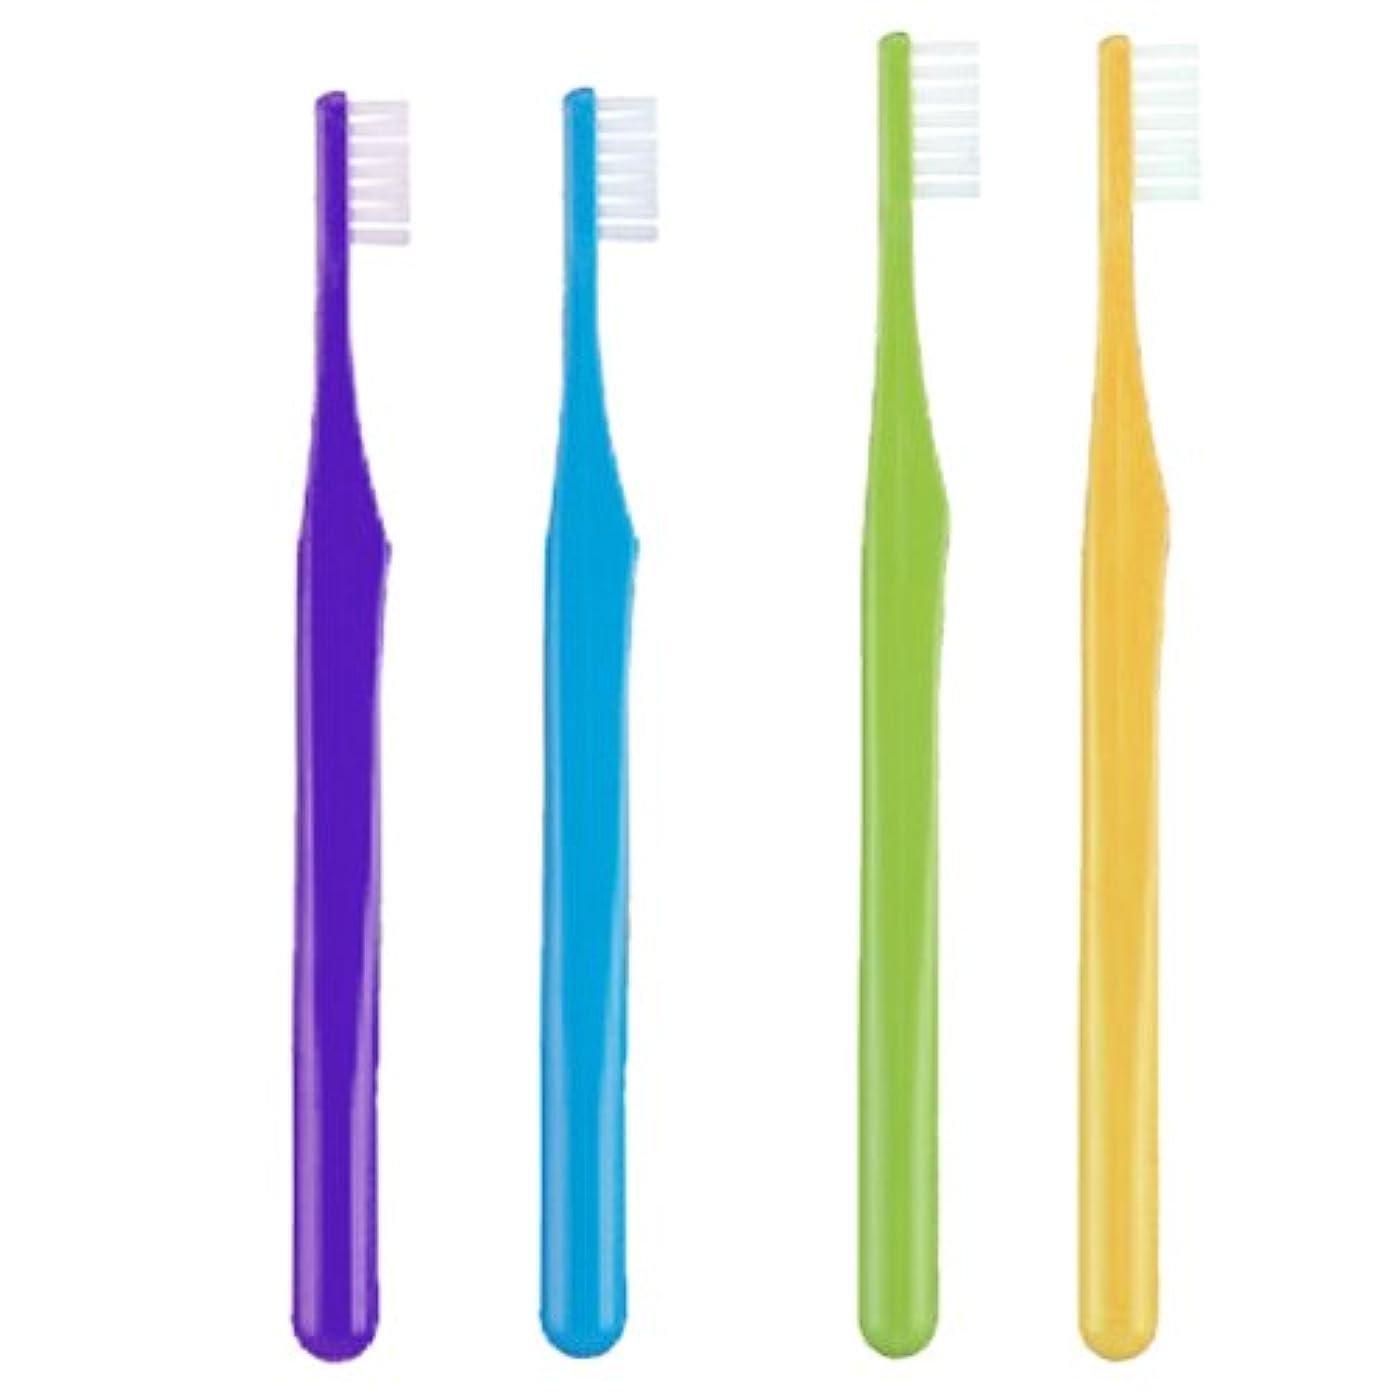 滑りやすいアクチュエータ人気のプロスペックプラス歯ブラシ1本タイニー/スモール (タイニー)